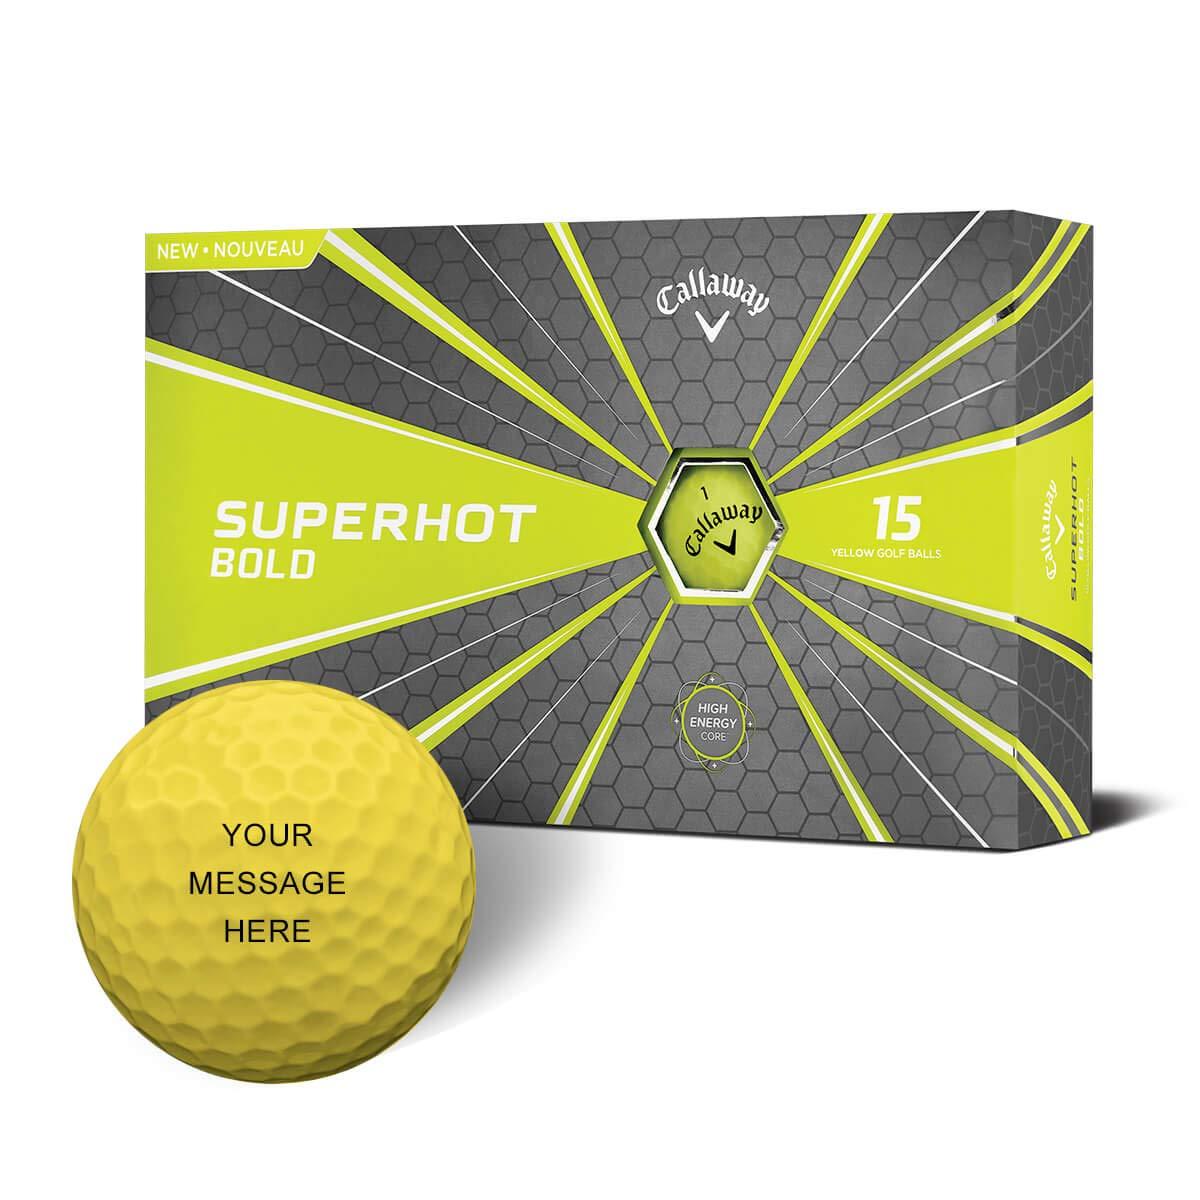 Callaway ゴルフ 2018 スーパーホット ボールド マットイエロー 15個パック パーソナライズゴルフボール B07P6MTB5N